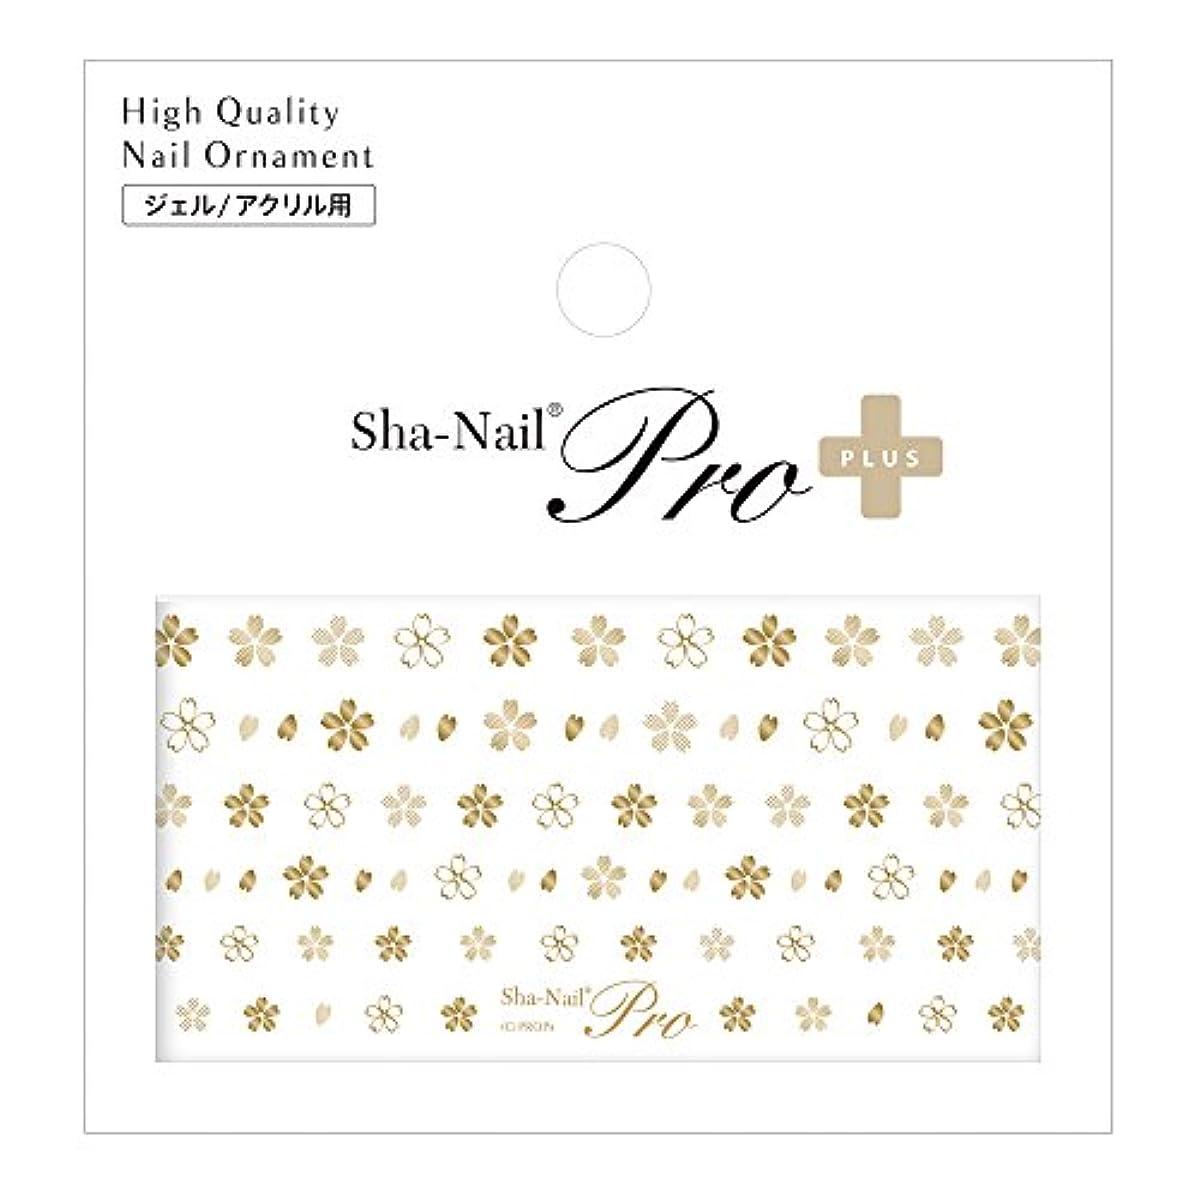 引き付けるアクセル印象派Sha-Nail PLUS さくらブロッサムゴールド